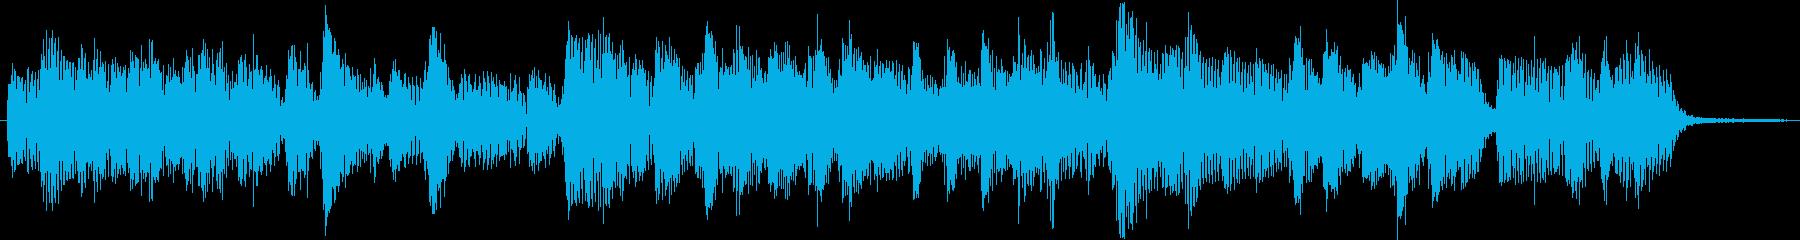 4ビートジャズのジングル2の再生済みの波形